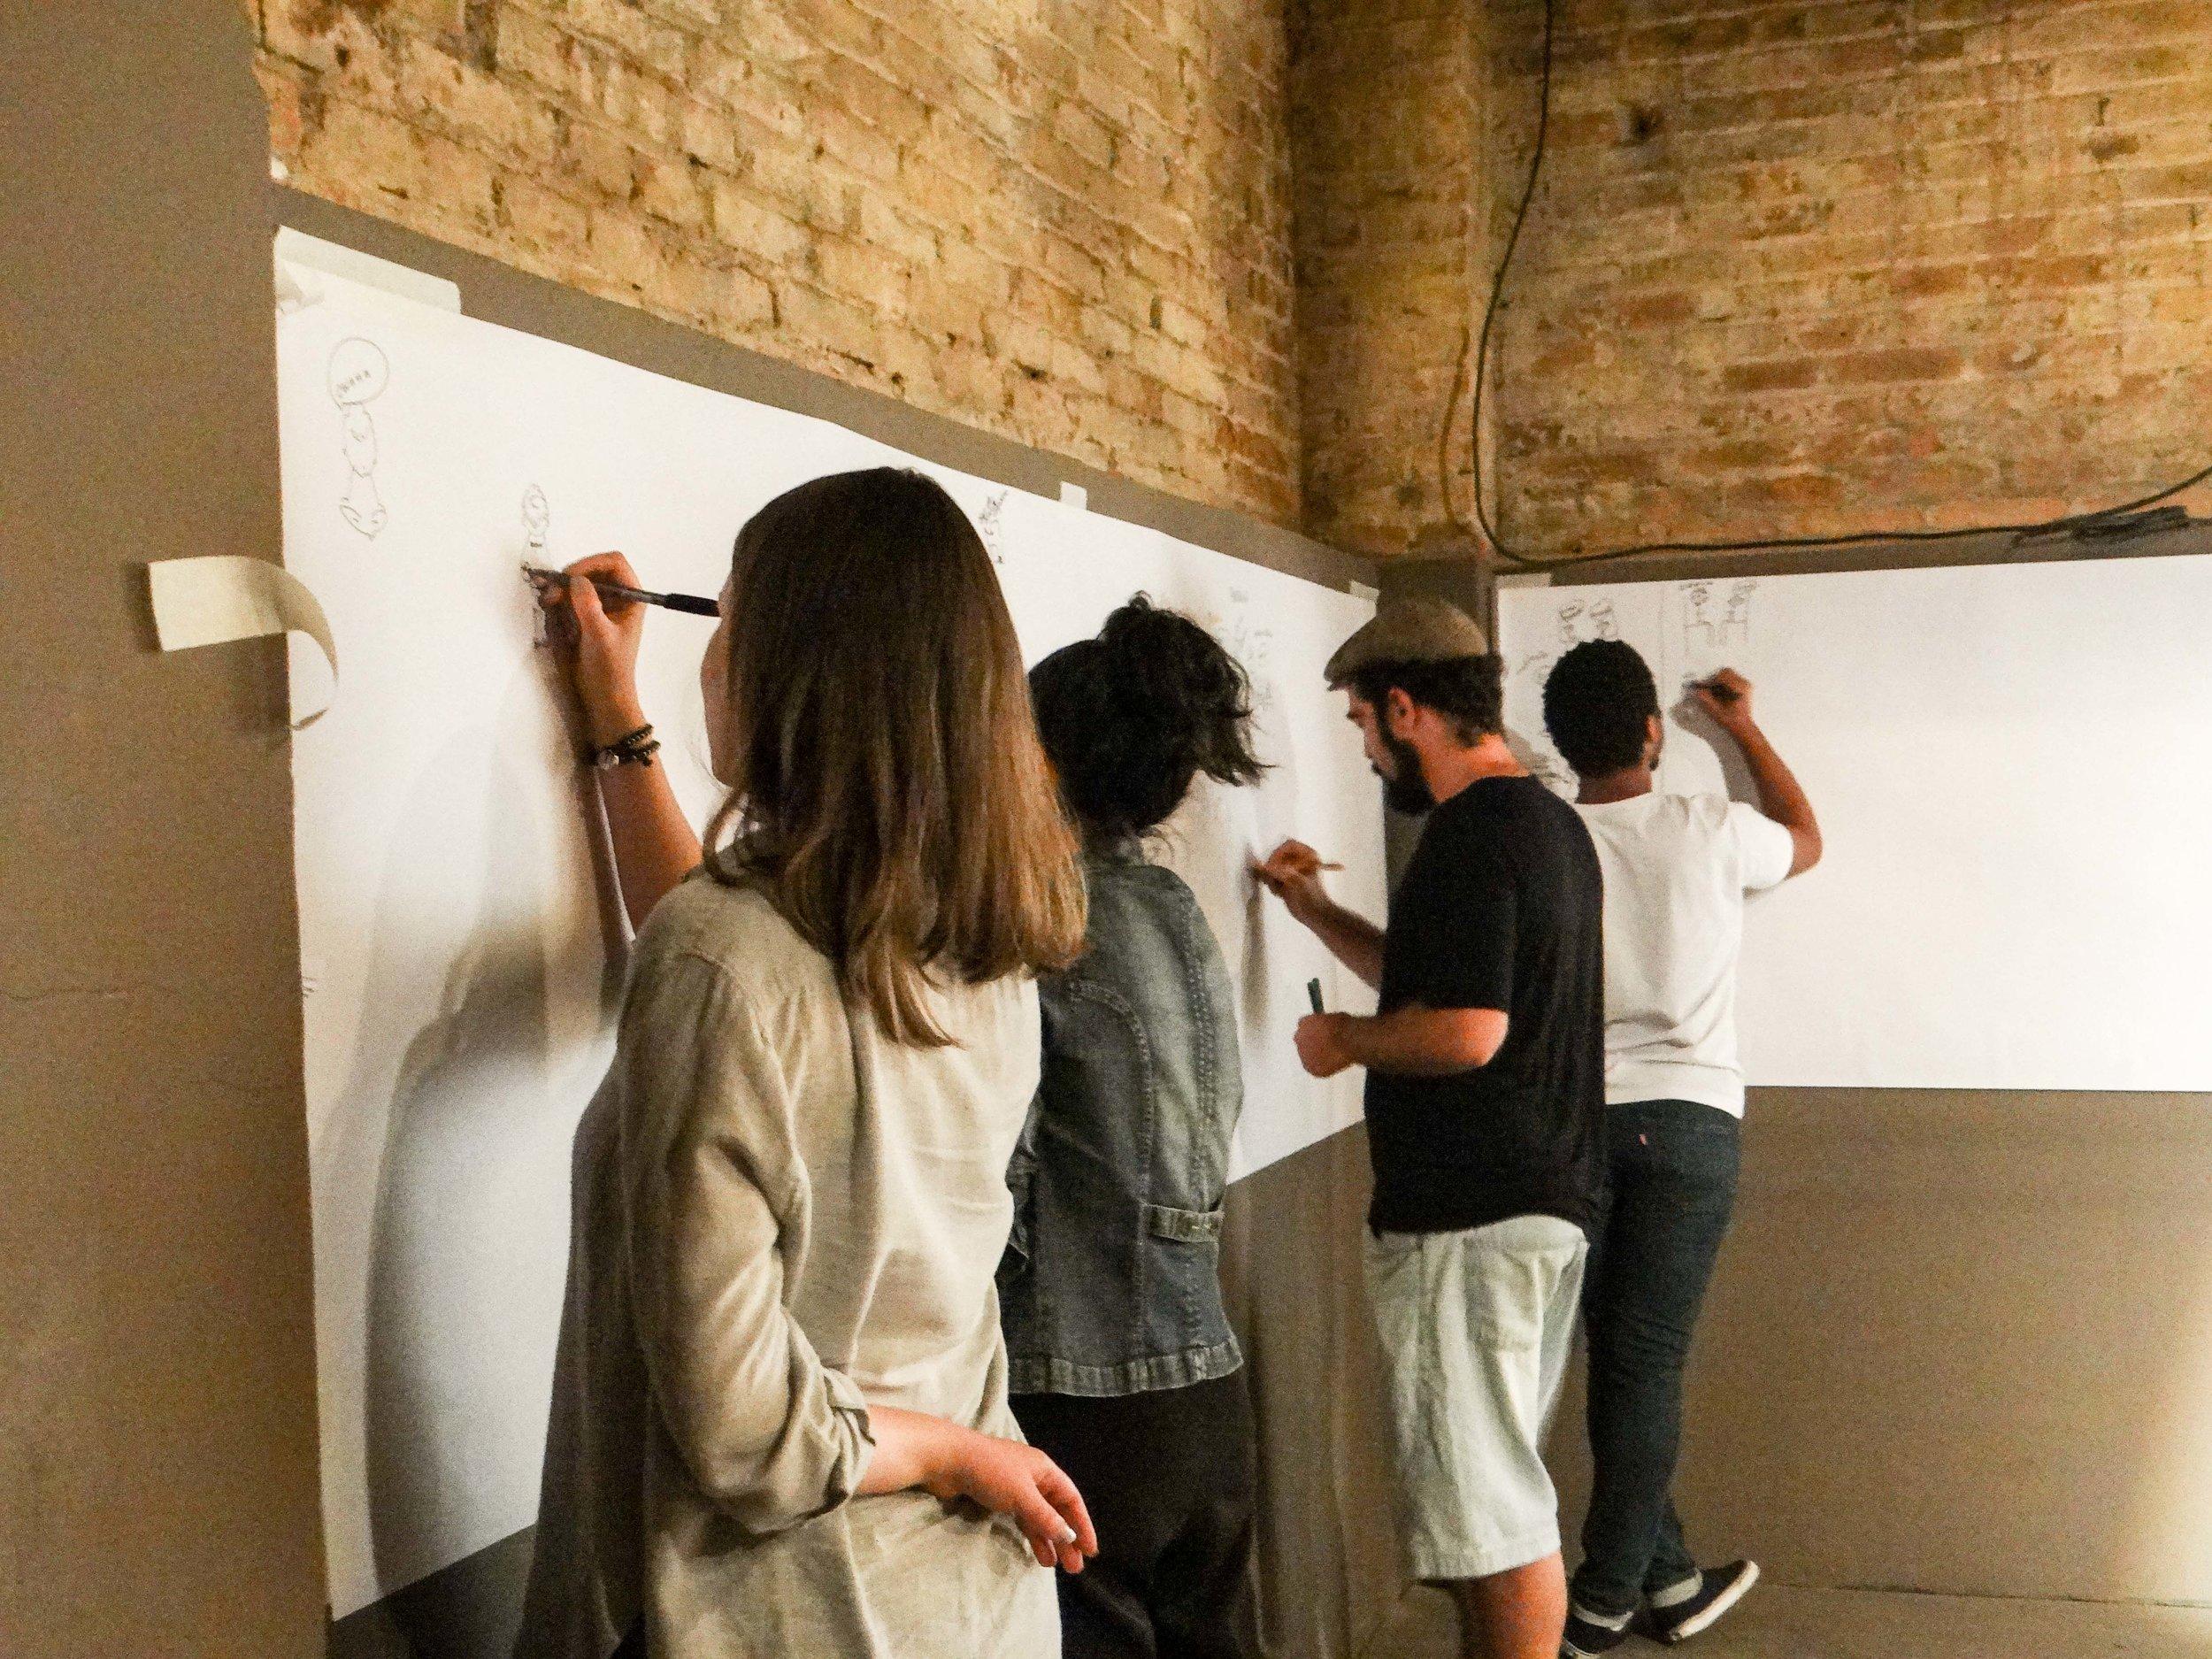 De 14 de agosto a 23 de outubro - FORMAÇÃO EM FACILITAÇÃO GRÁFICA - Com esse curso você terá ferramentas para traduzir um conteúdo falado ou escrito em anotações visuais para serem lidos de forma não linear, conduzindo o leitor para uma narrativa rica em metáforas visuais, instigante pela elaboração de cenários e altamente engajadora pela forma de comunicar.A metodologia é baseada na aprendizagem pela experiência, especialmente com exercícios de criatividade, escuta ativa, design de informação, desenho e criação de repertório para metáforas visuais. E aí? O que achou?